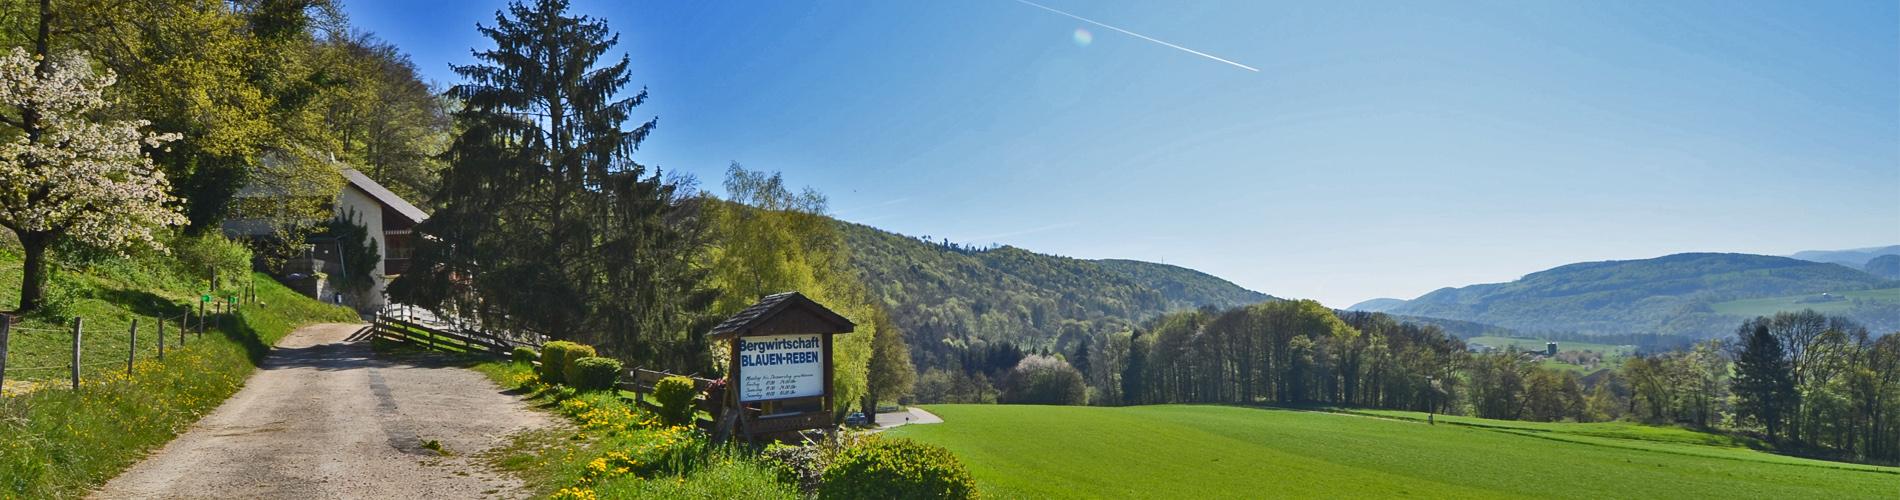 Freistehendes 9-Zi'- Familienhaus mit Bergrestaurant, an einzigartiger Lage in Blauen